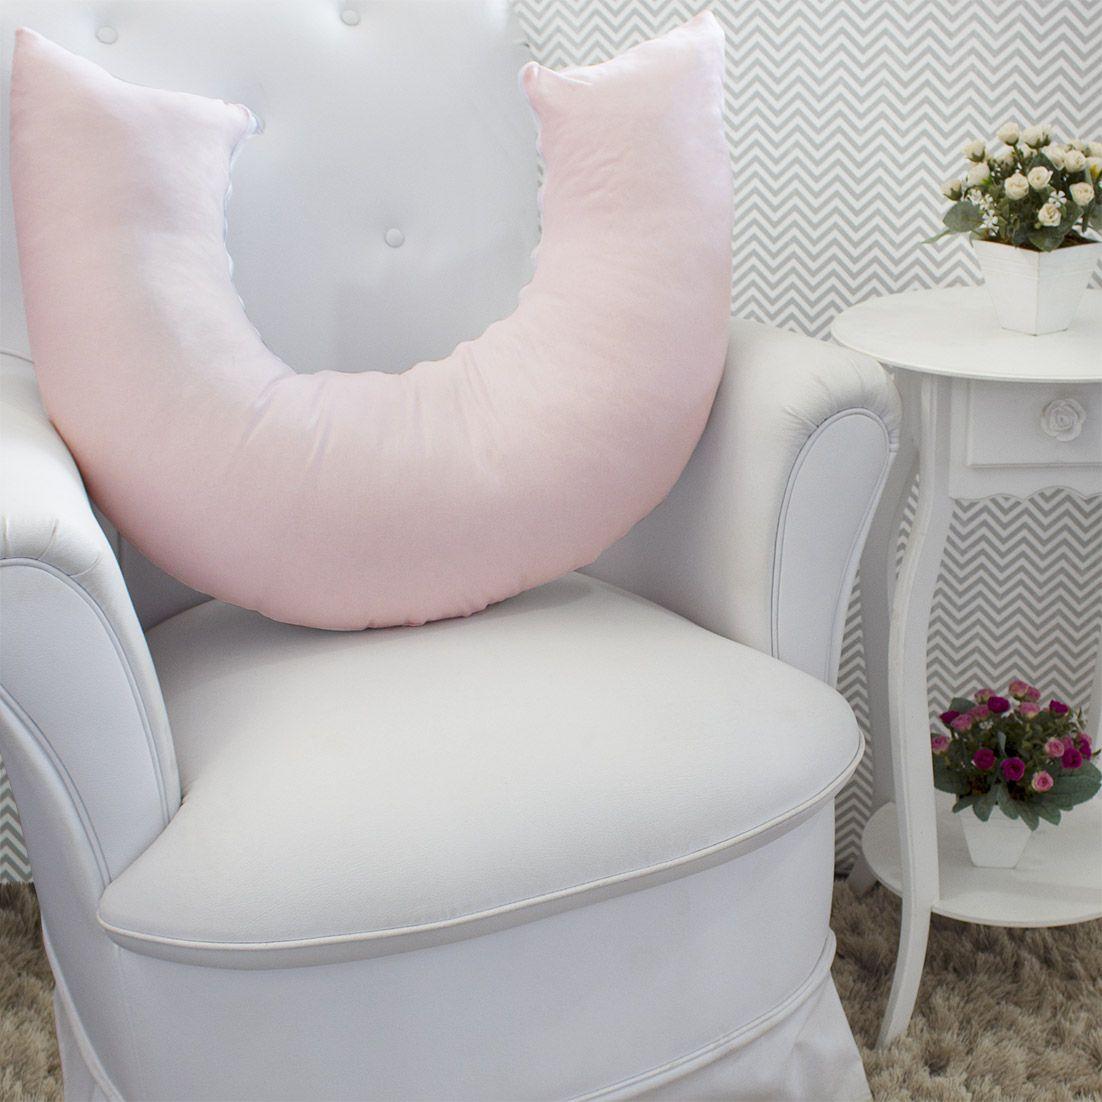 Almofada de Amamentação - Rosa com Branco